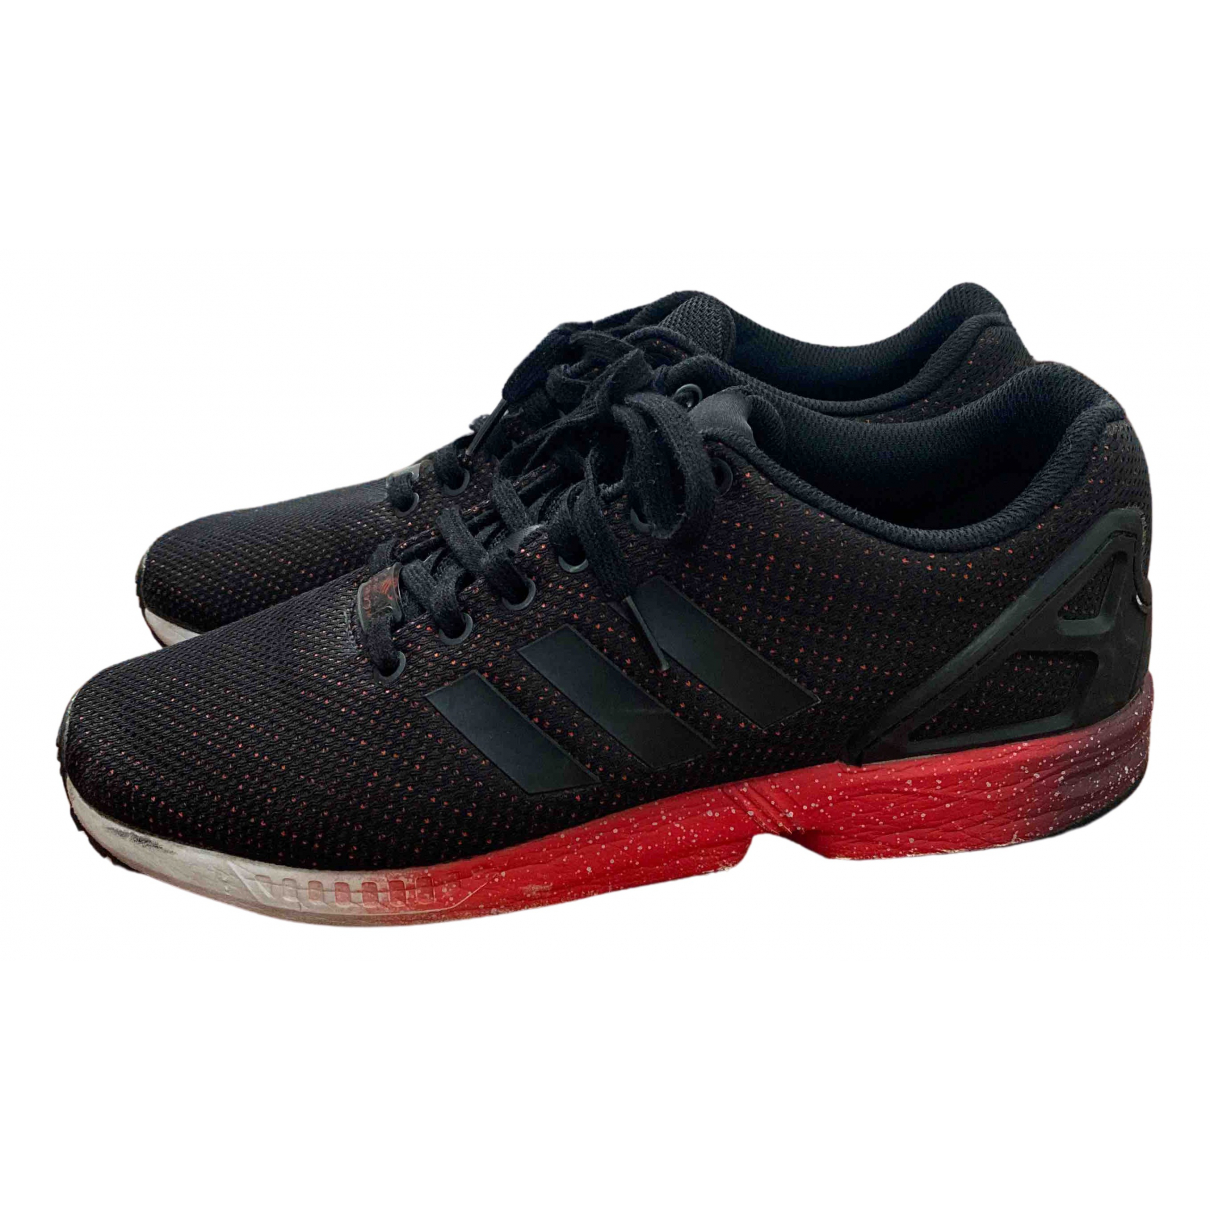 Adidas - Baskets ZX pour homme - noir